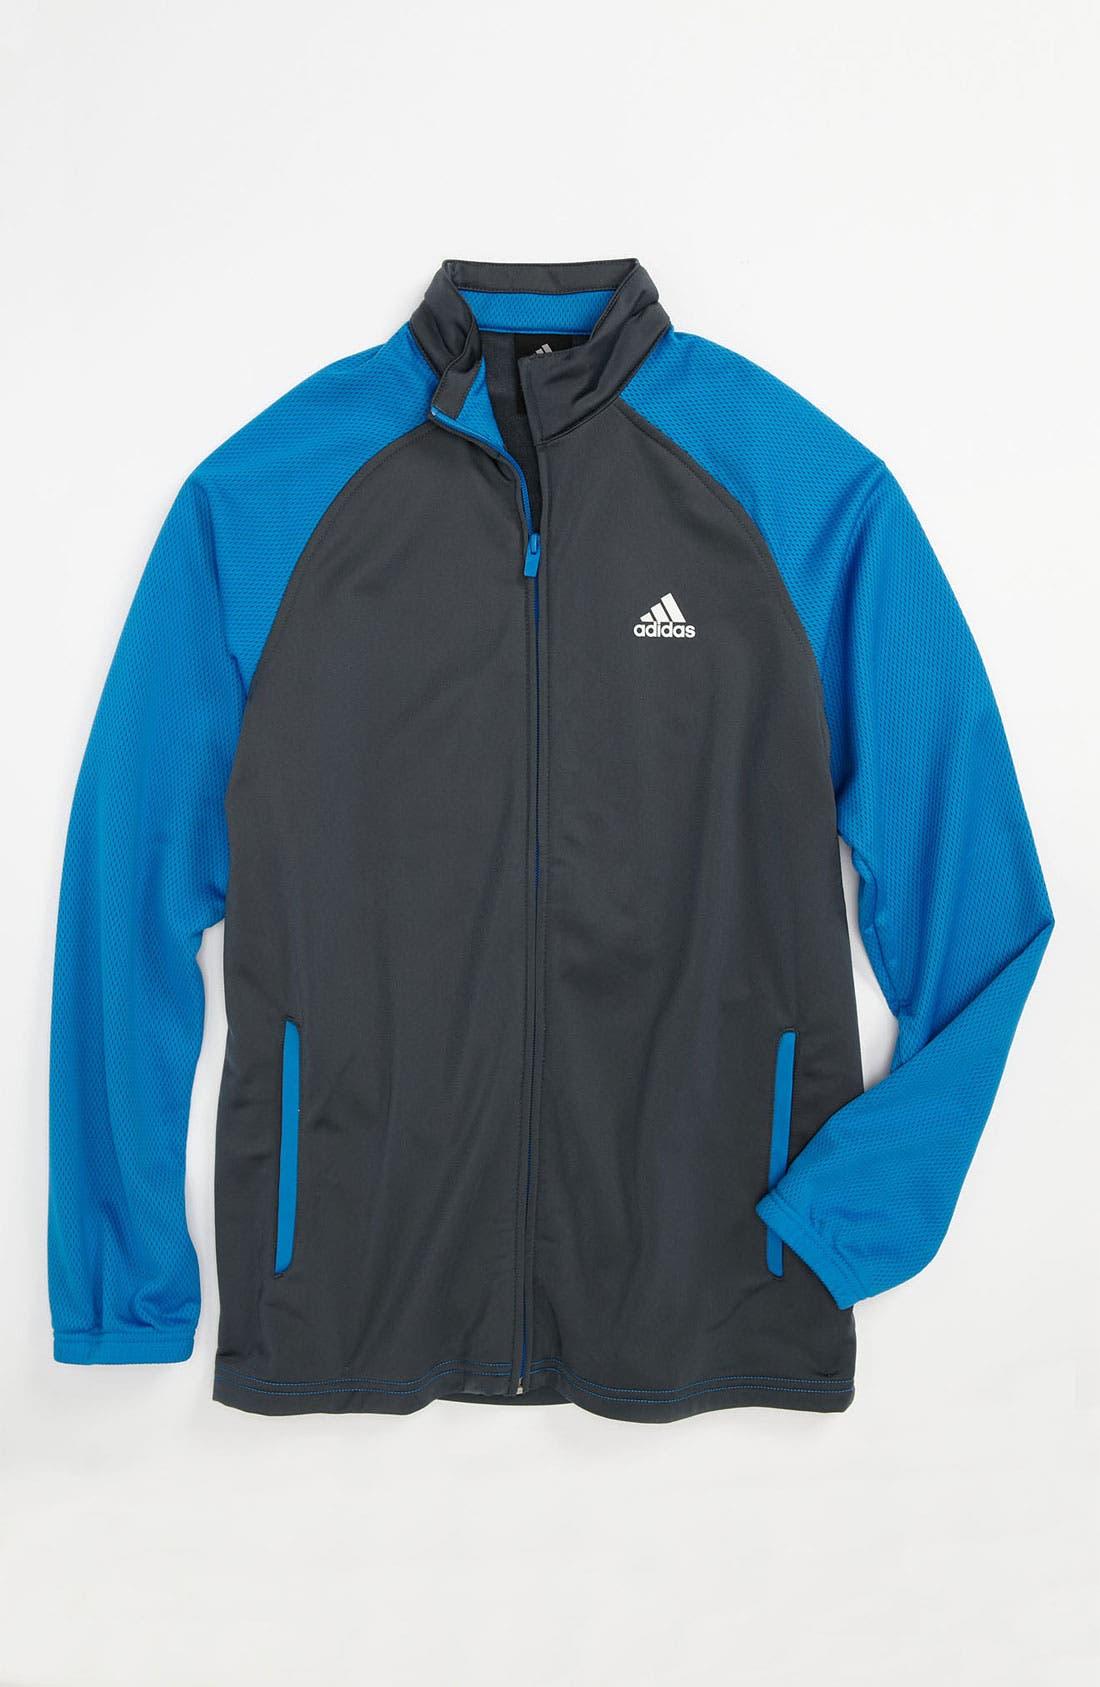 Alternate Image 1 Selected - adidas 'Pro Model' Jacket (Big Boys)